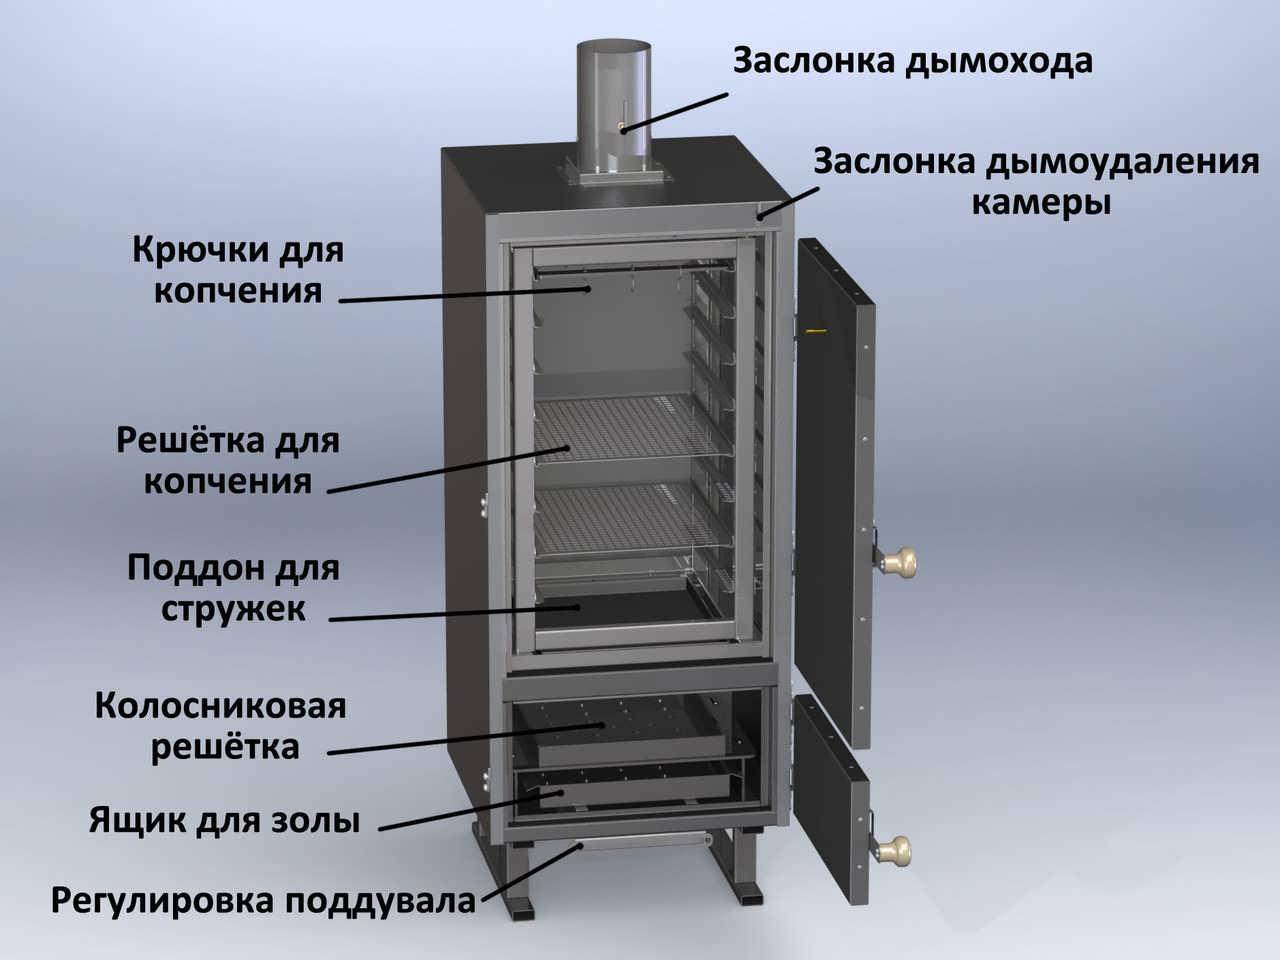 Как сделать коптильню холодного копчения своими руками: пошаговое описание процесс постройки